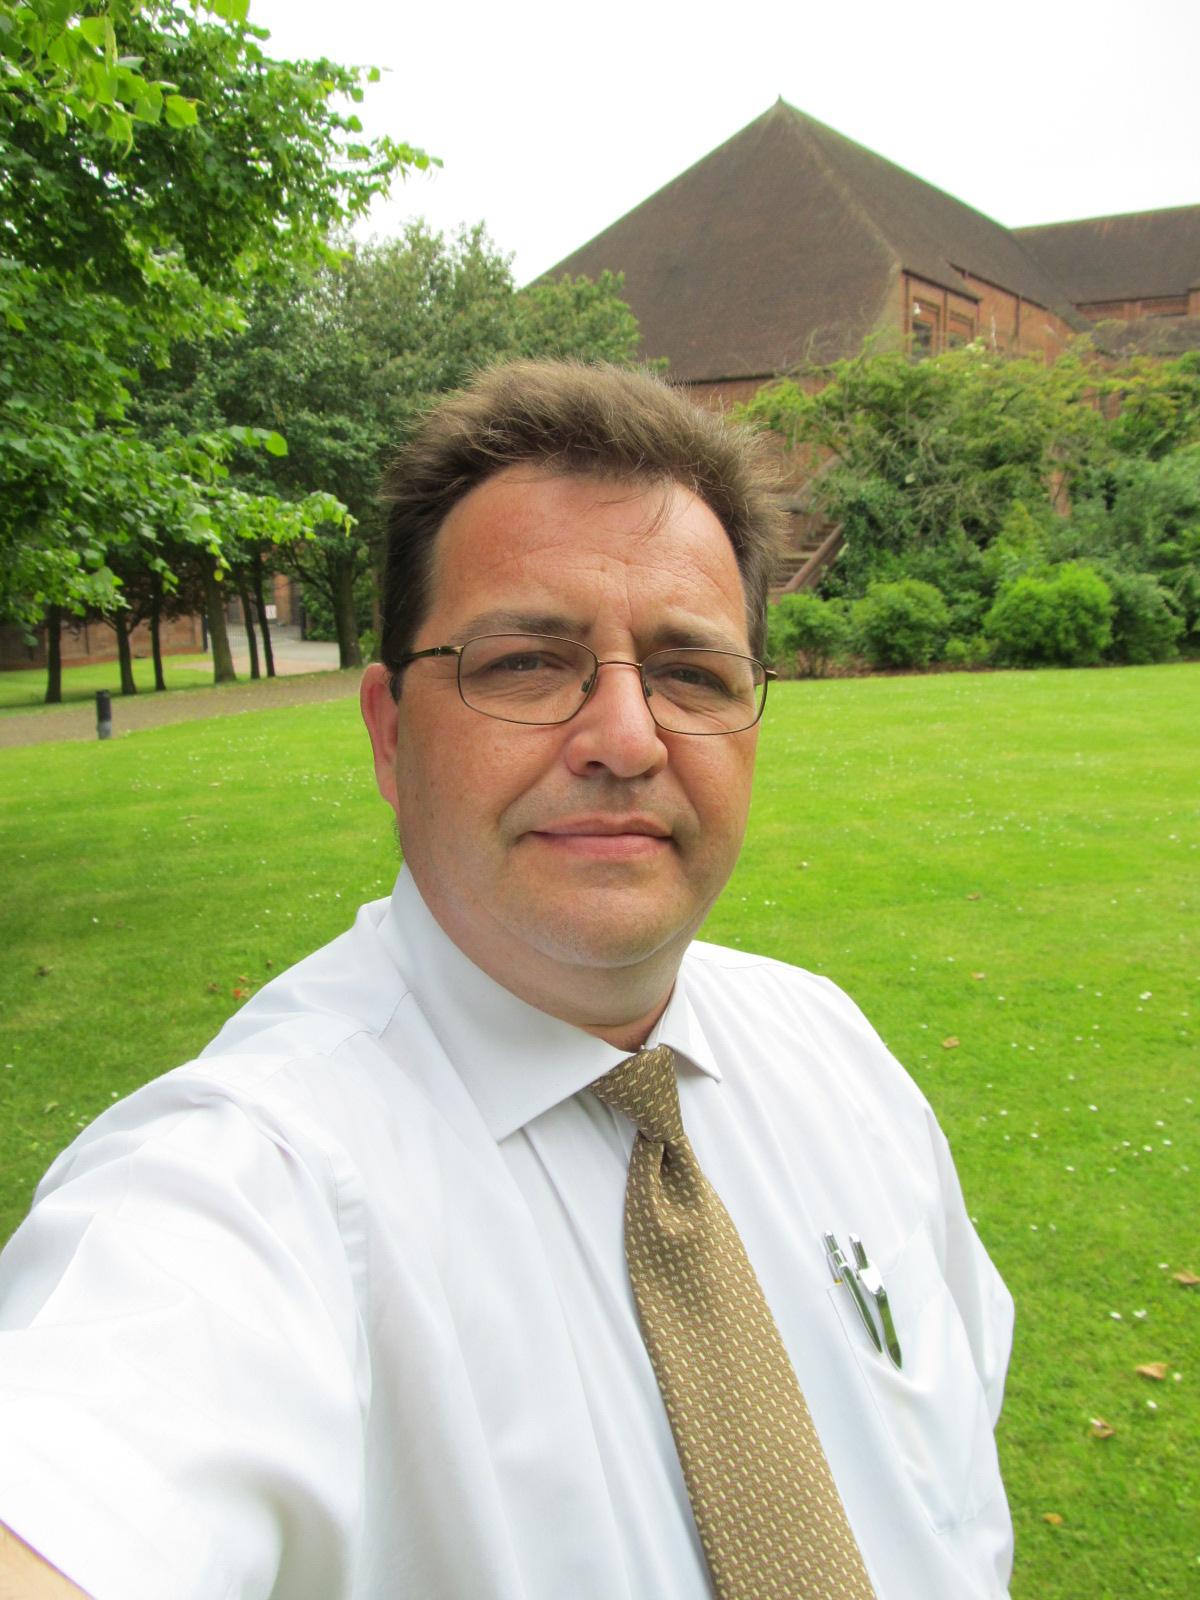 Colin Maile - Hon Treasurer